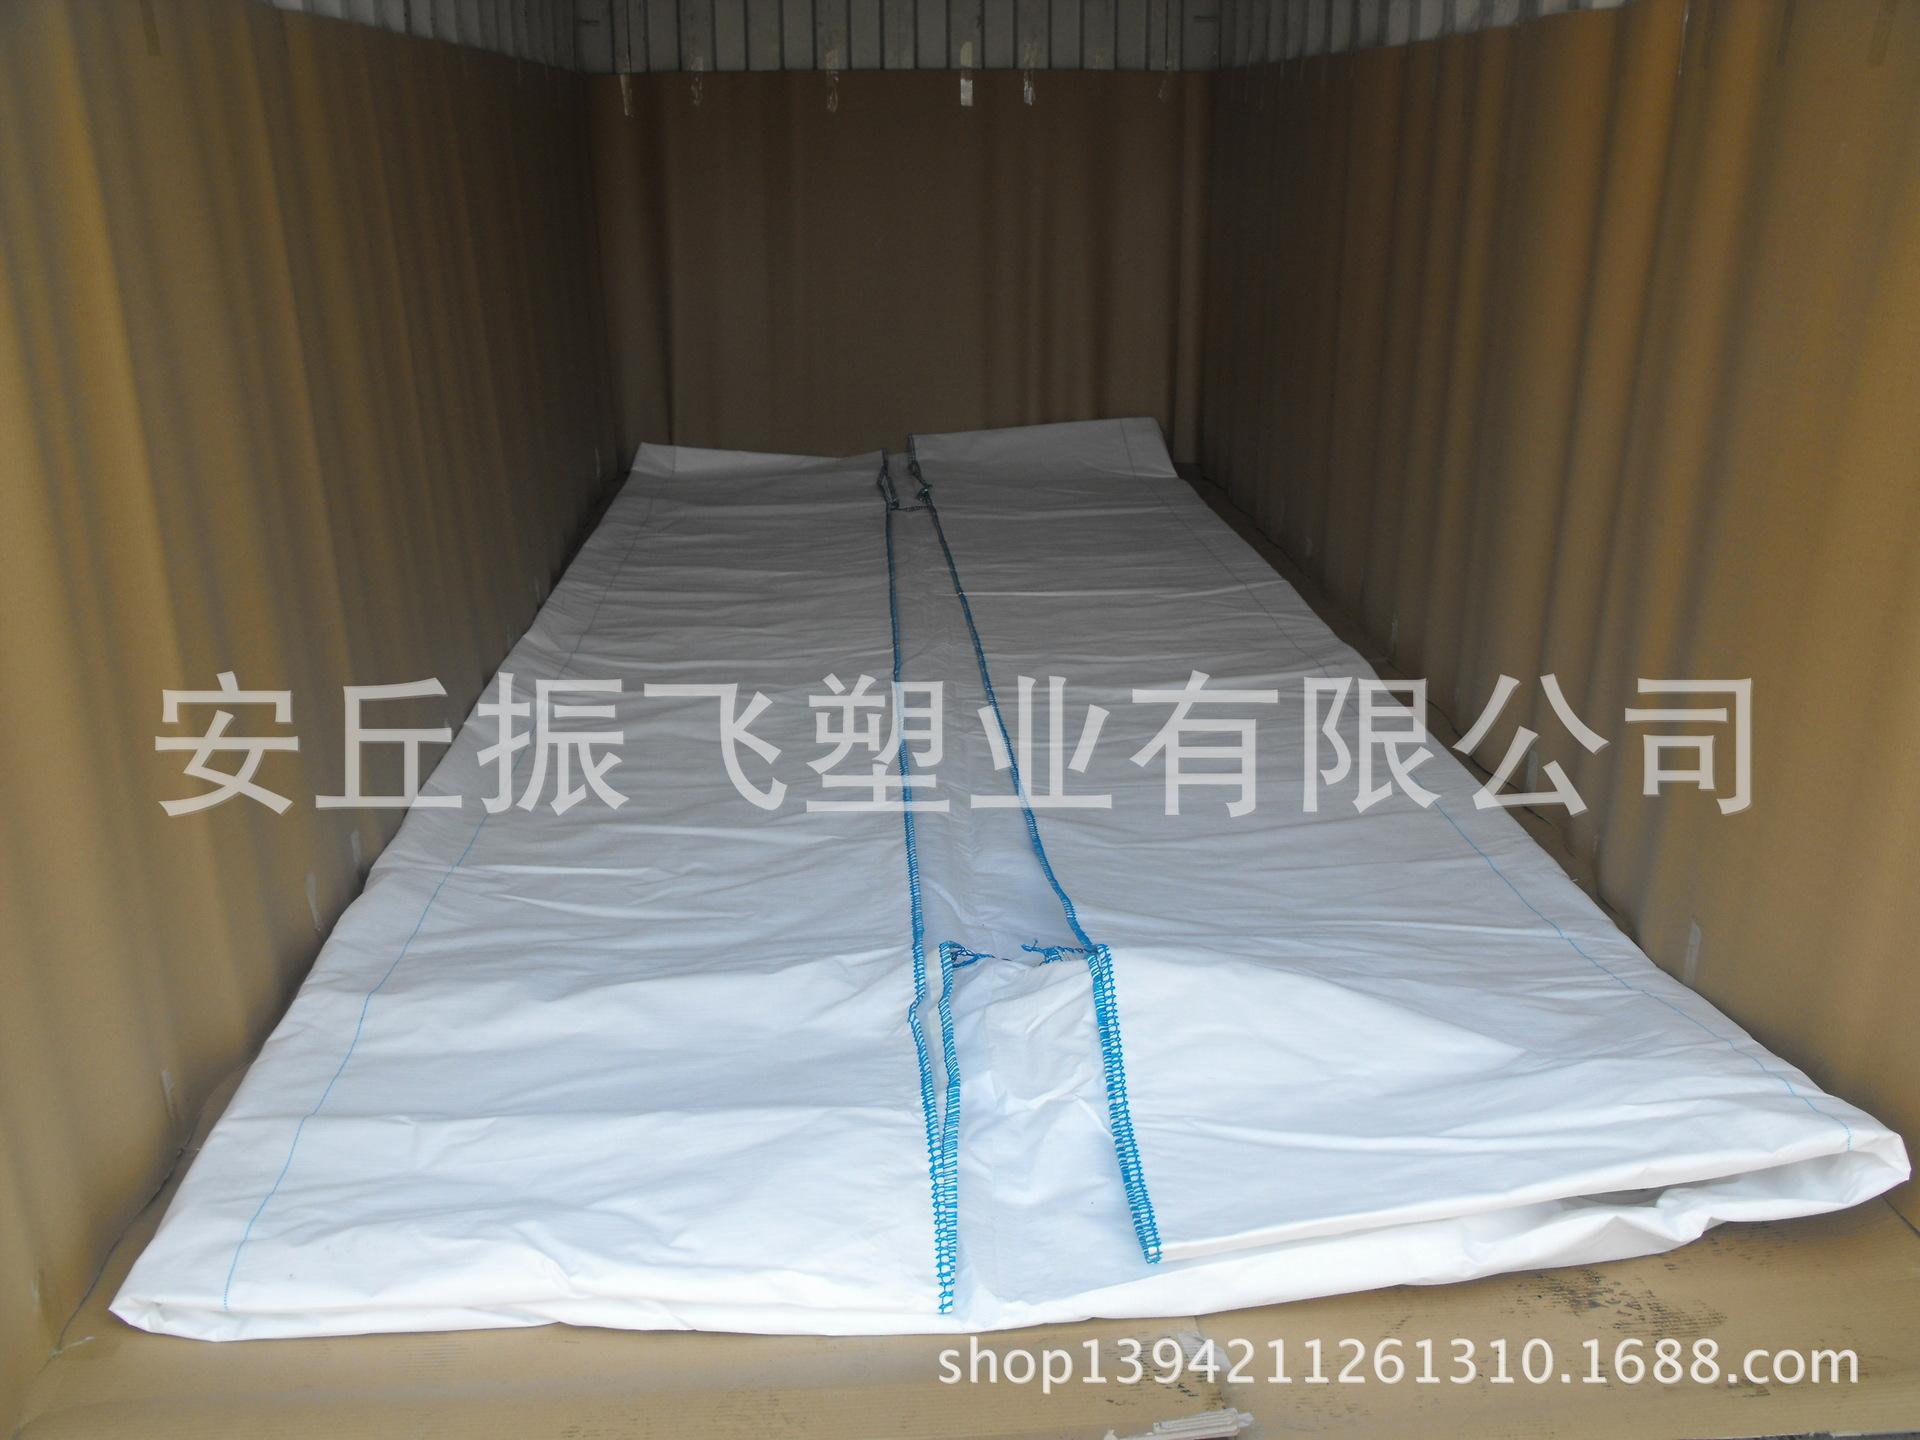 批发集装箱液袋  一次性液袋 24000液袋